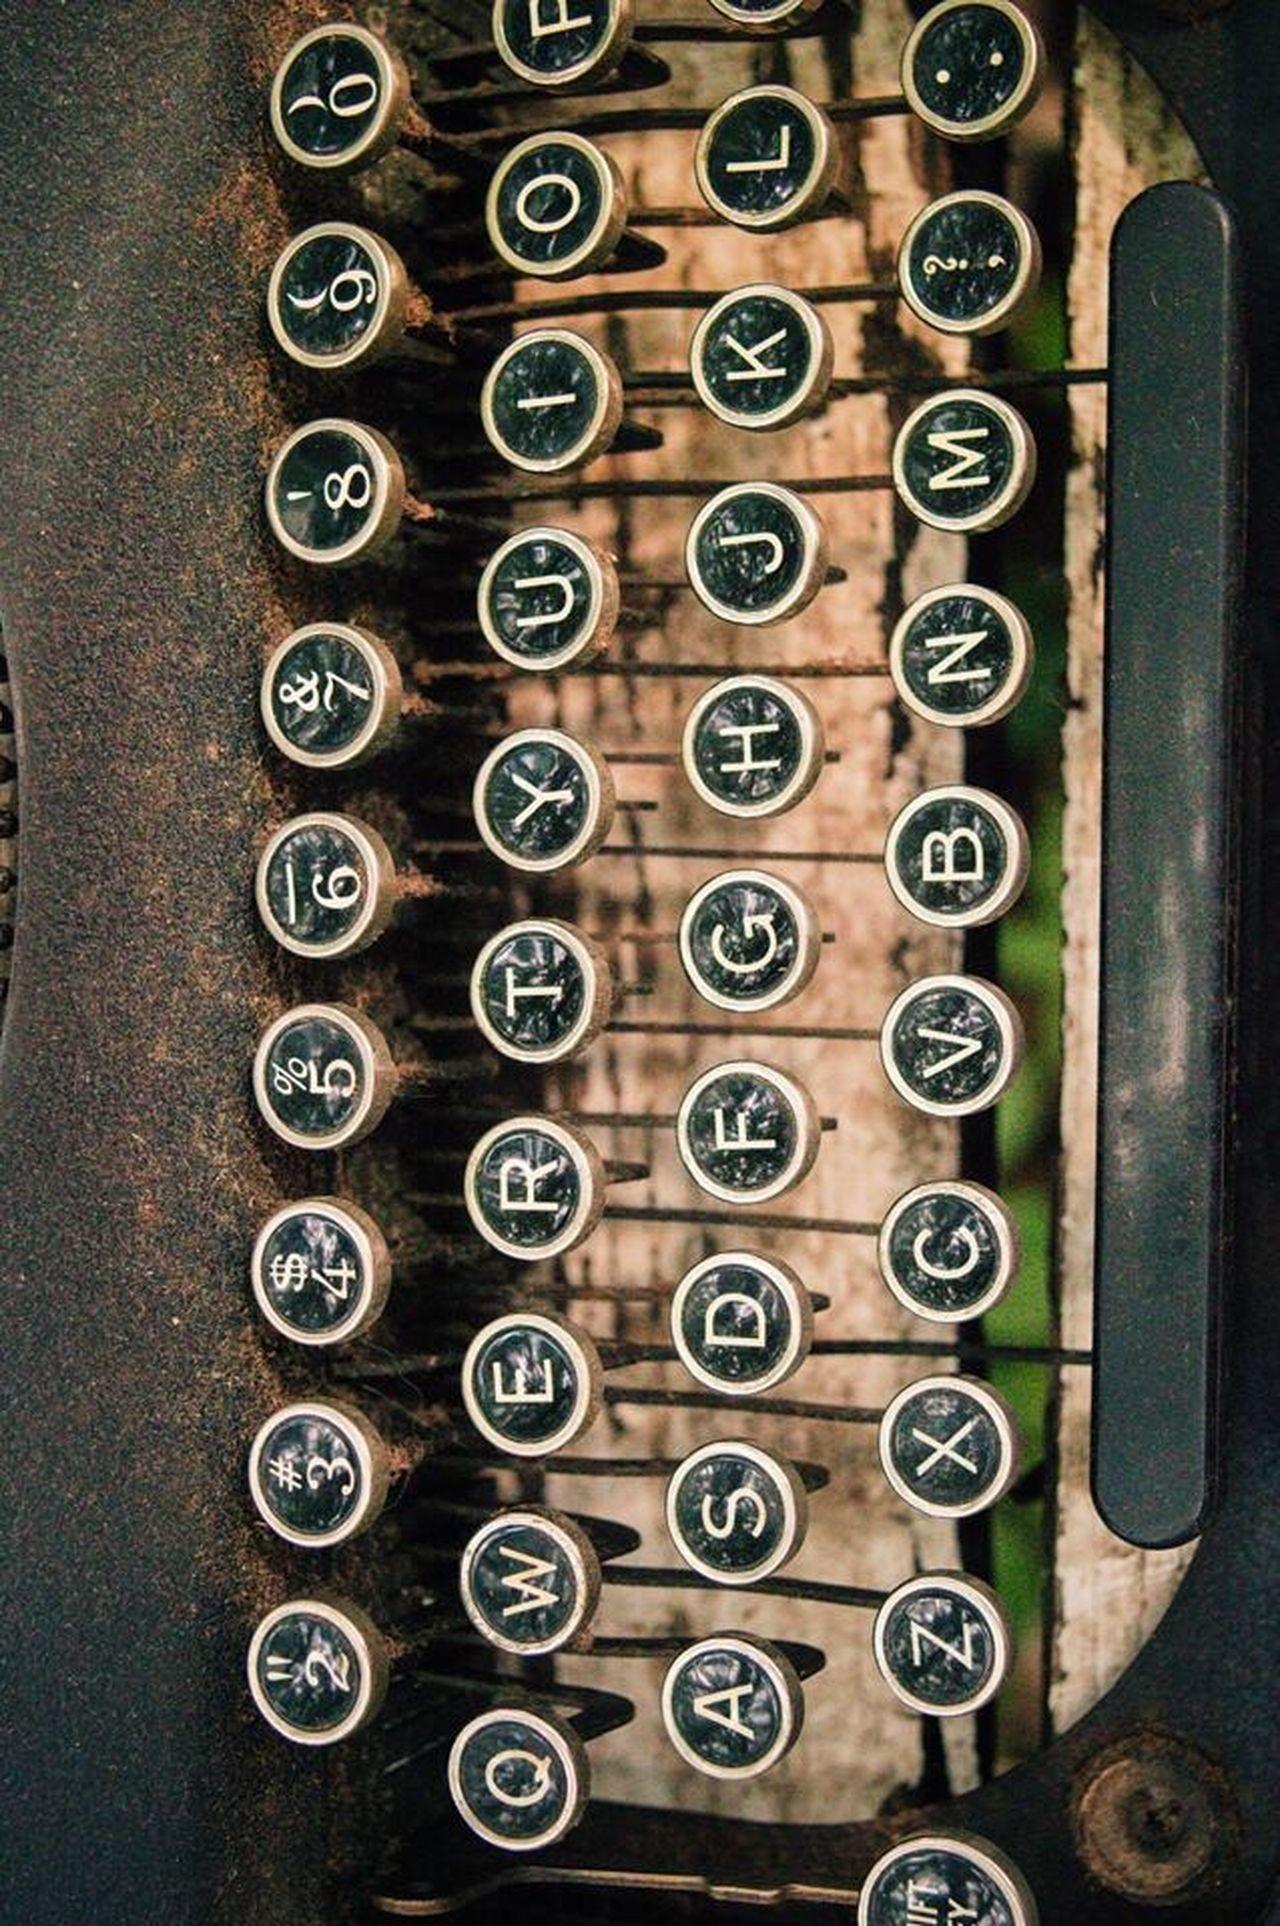 Antique Steampunk Typewriter